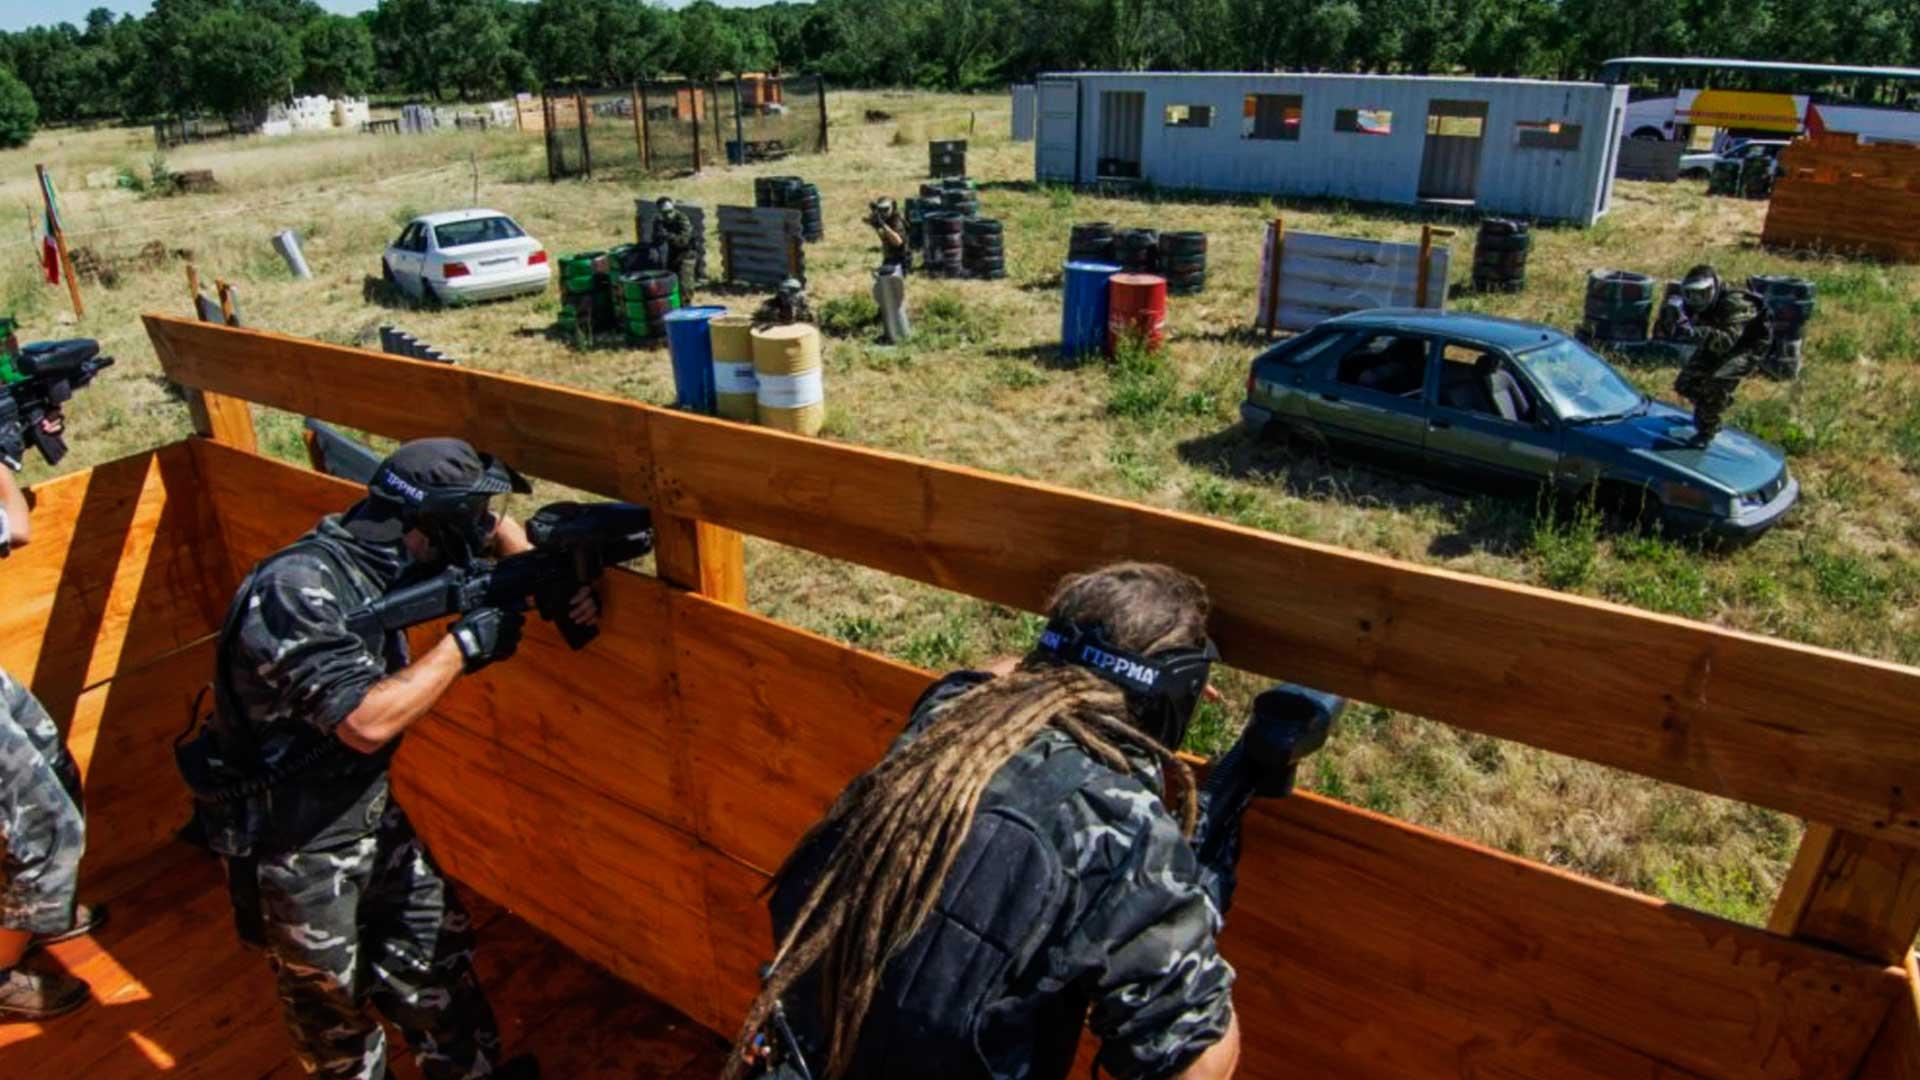 Campo de paintball outdoor, onde duas pessoas estão dentro de uma estrutura de madeira e mirando em dois adversários que estão fora. Um dos que estão fora, está em cima de um carro, já o outro está exporte, ao lado de barris.